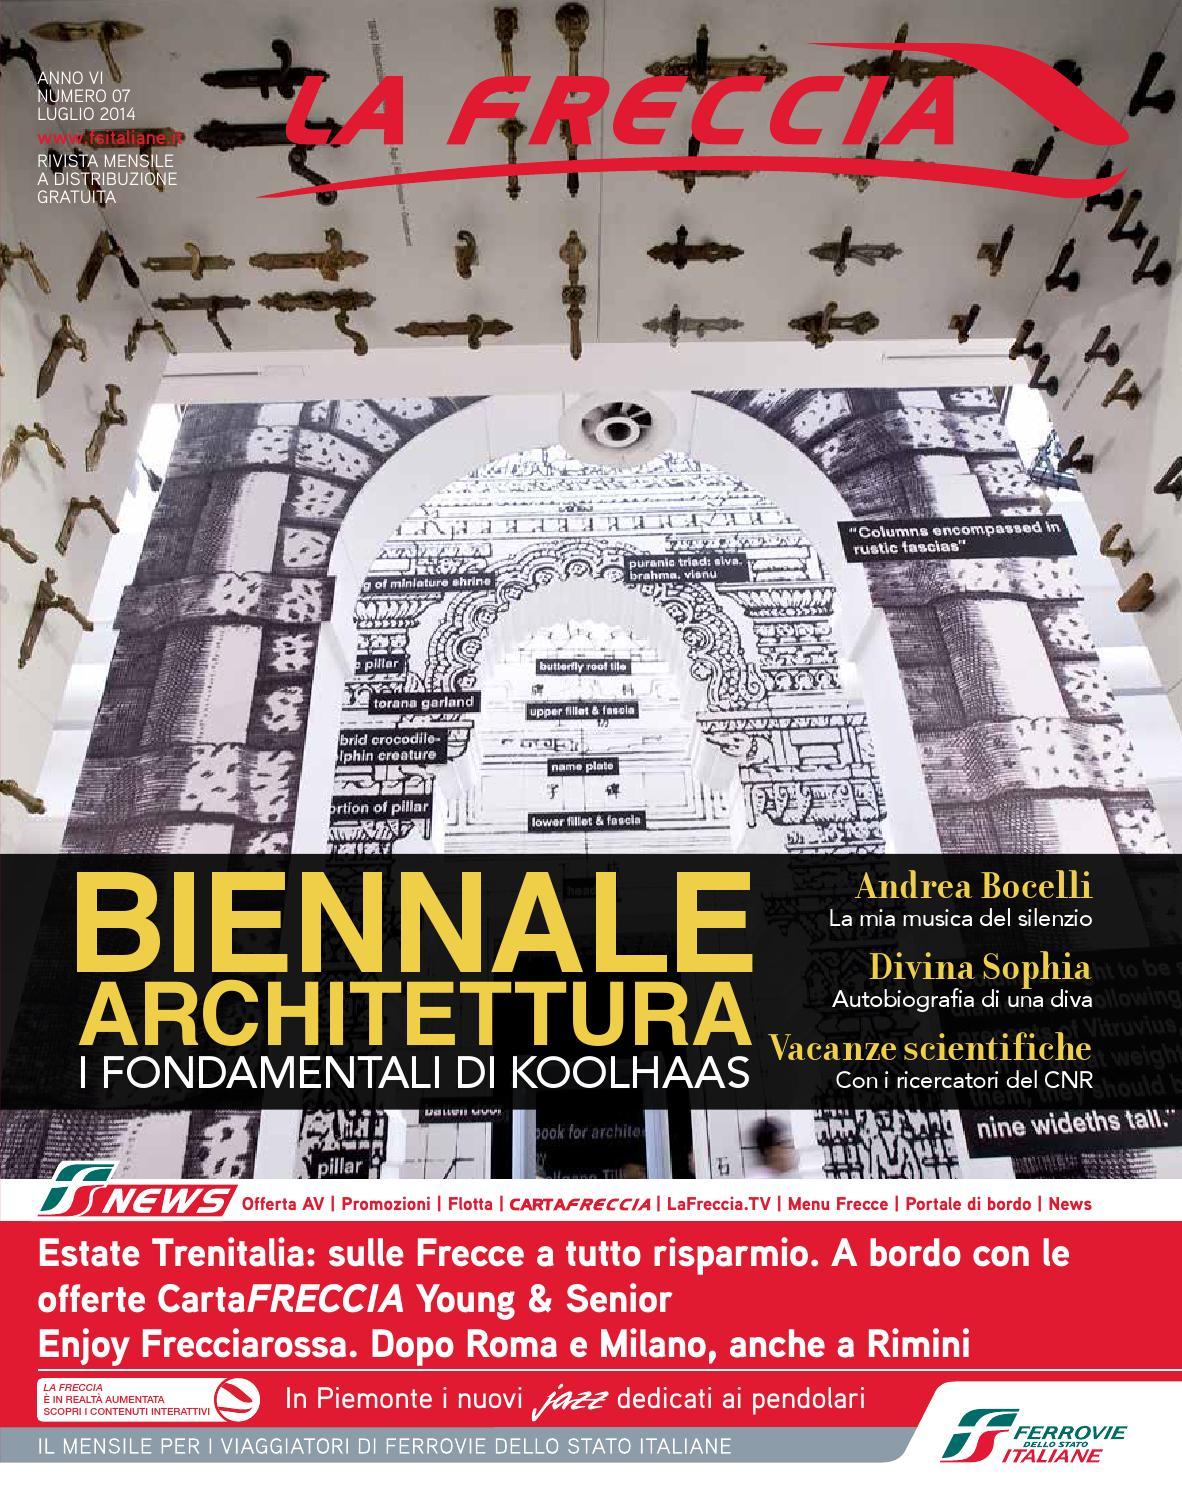 La Freccia - Luglio 2014 by Edizioni La Freccia e In Regione - issuu 870a20403e2